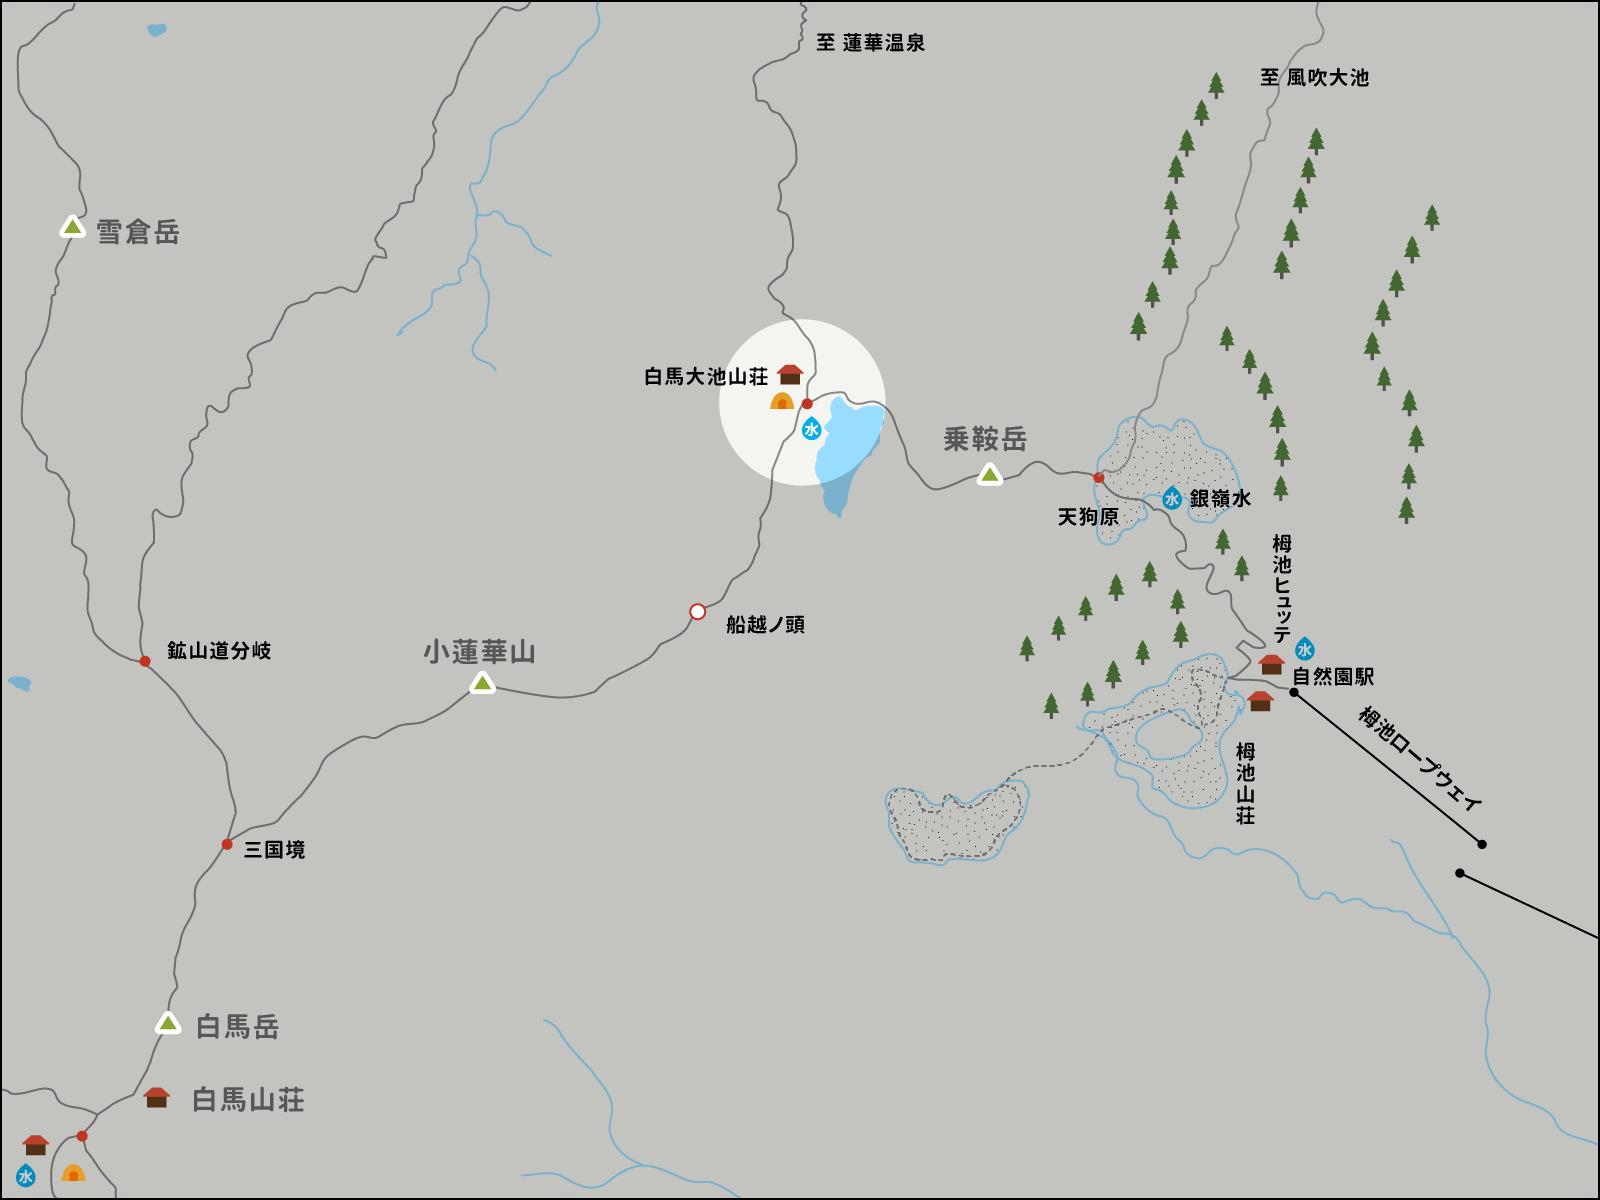 白馬大池山荘のイラストマップ